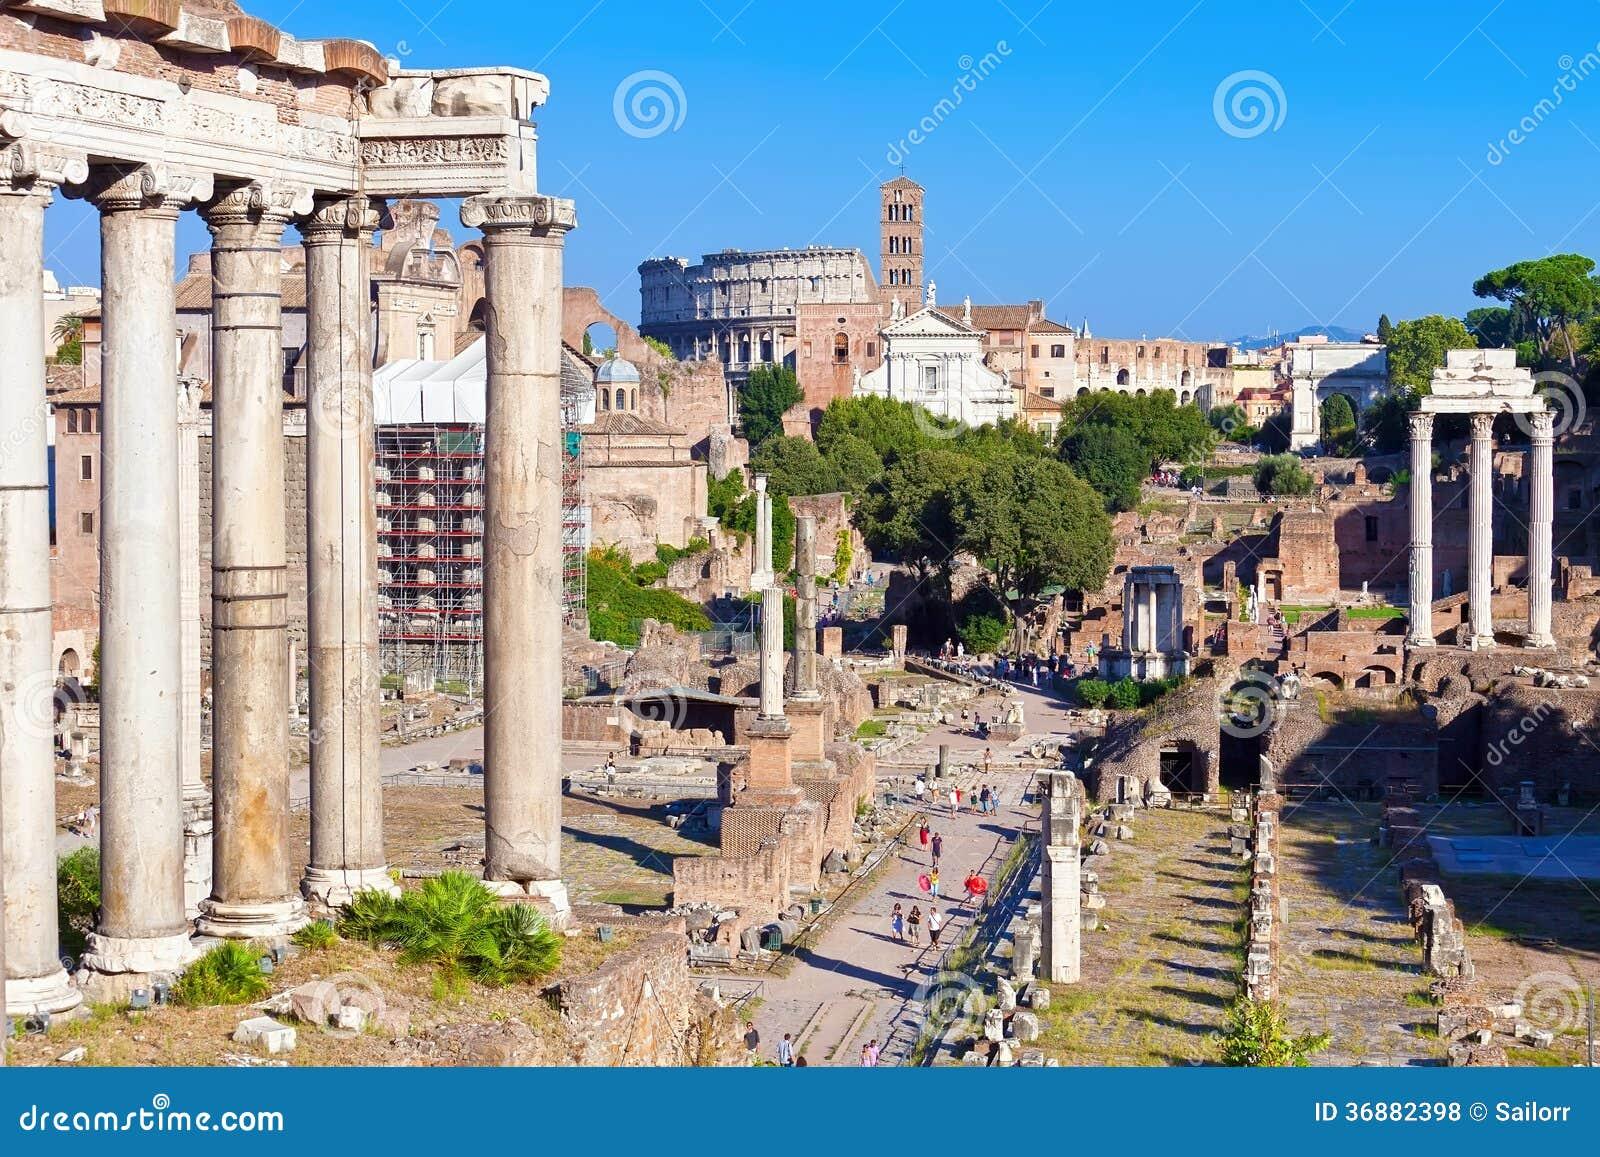 Download Roman Forum fotografia stock. Immagine di colonna, paesaggio - 36882398